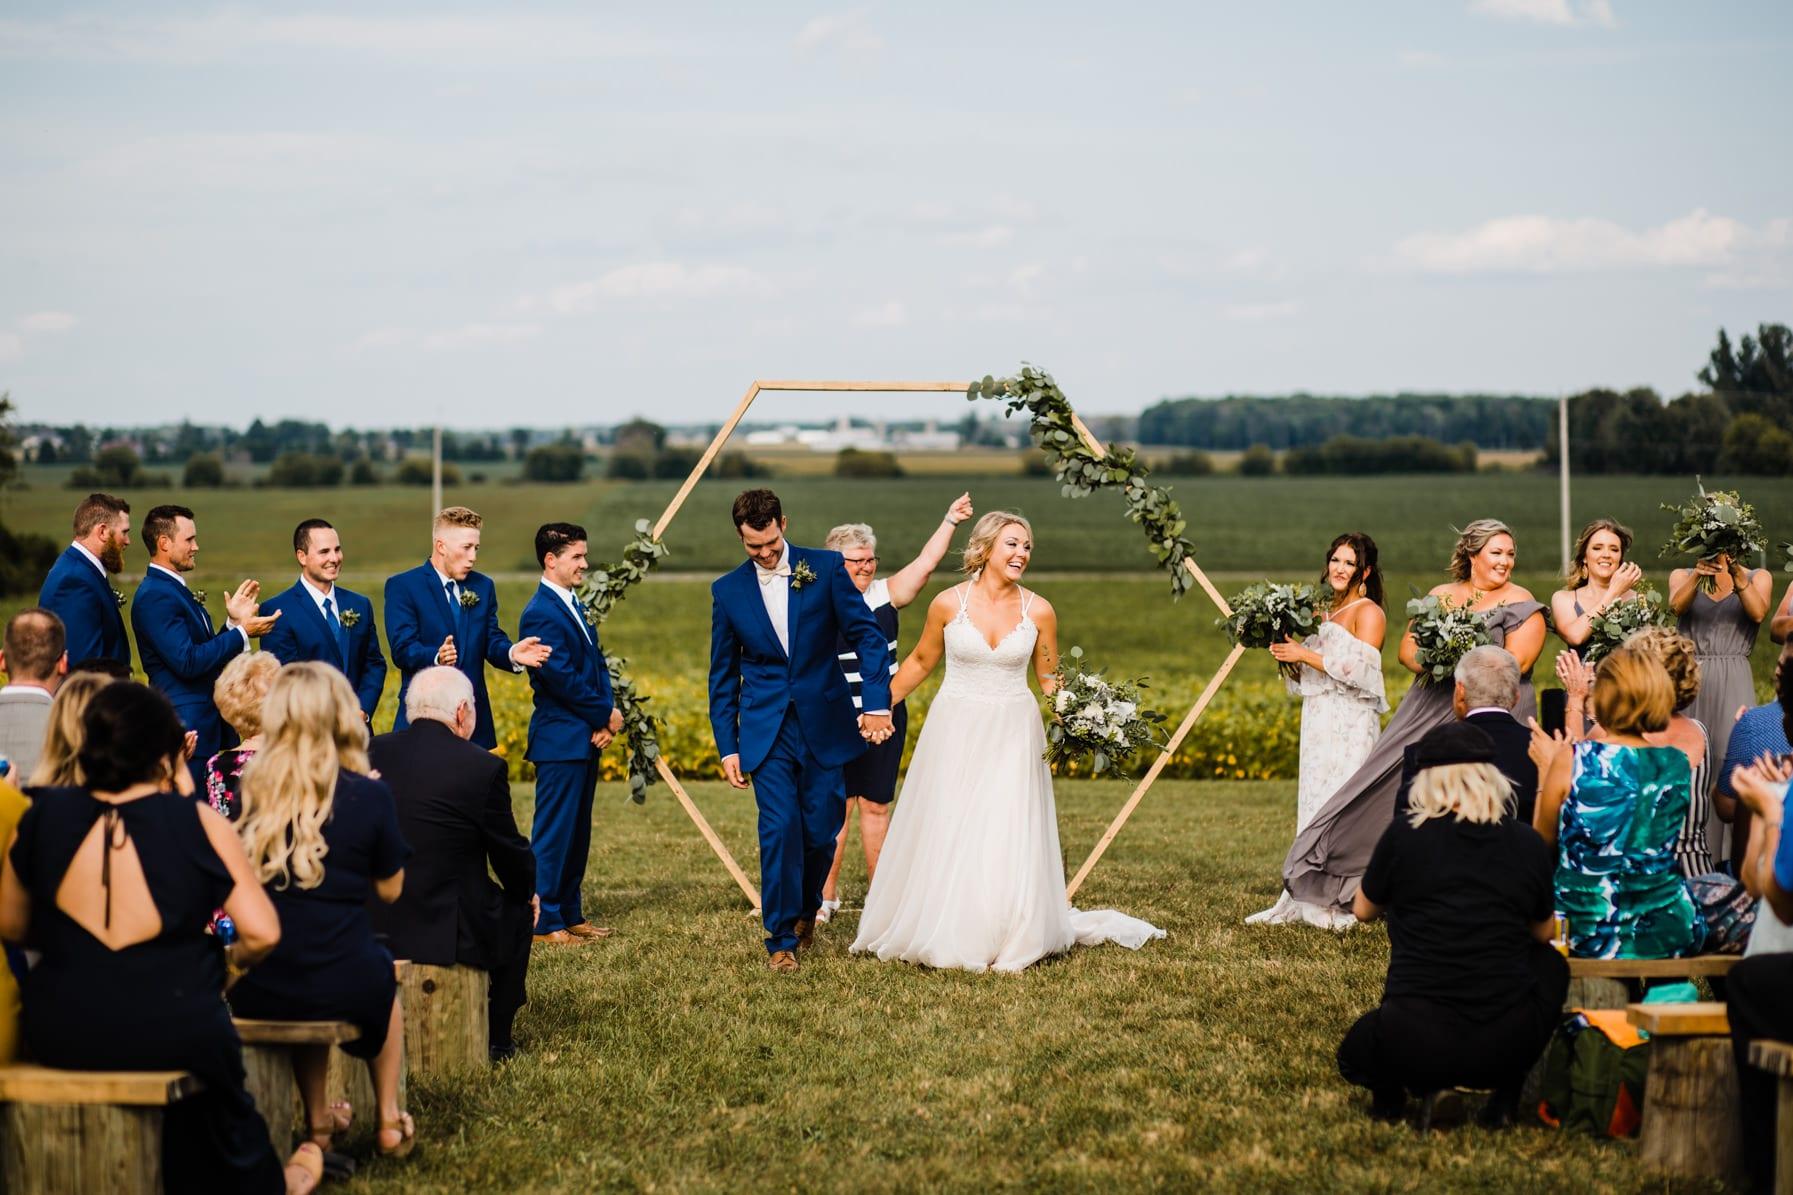 processional - summer farm wedding